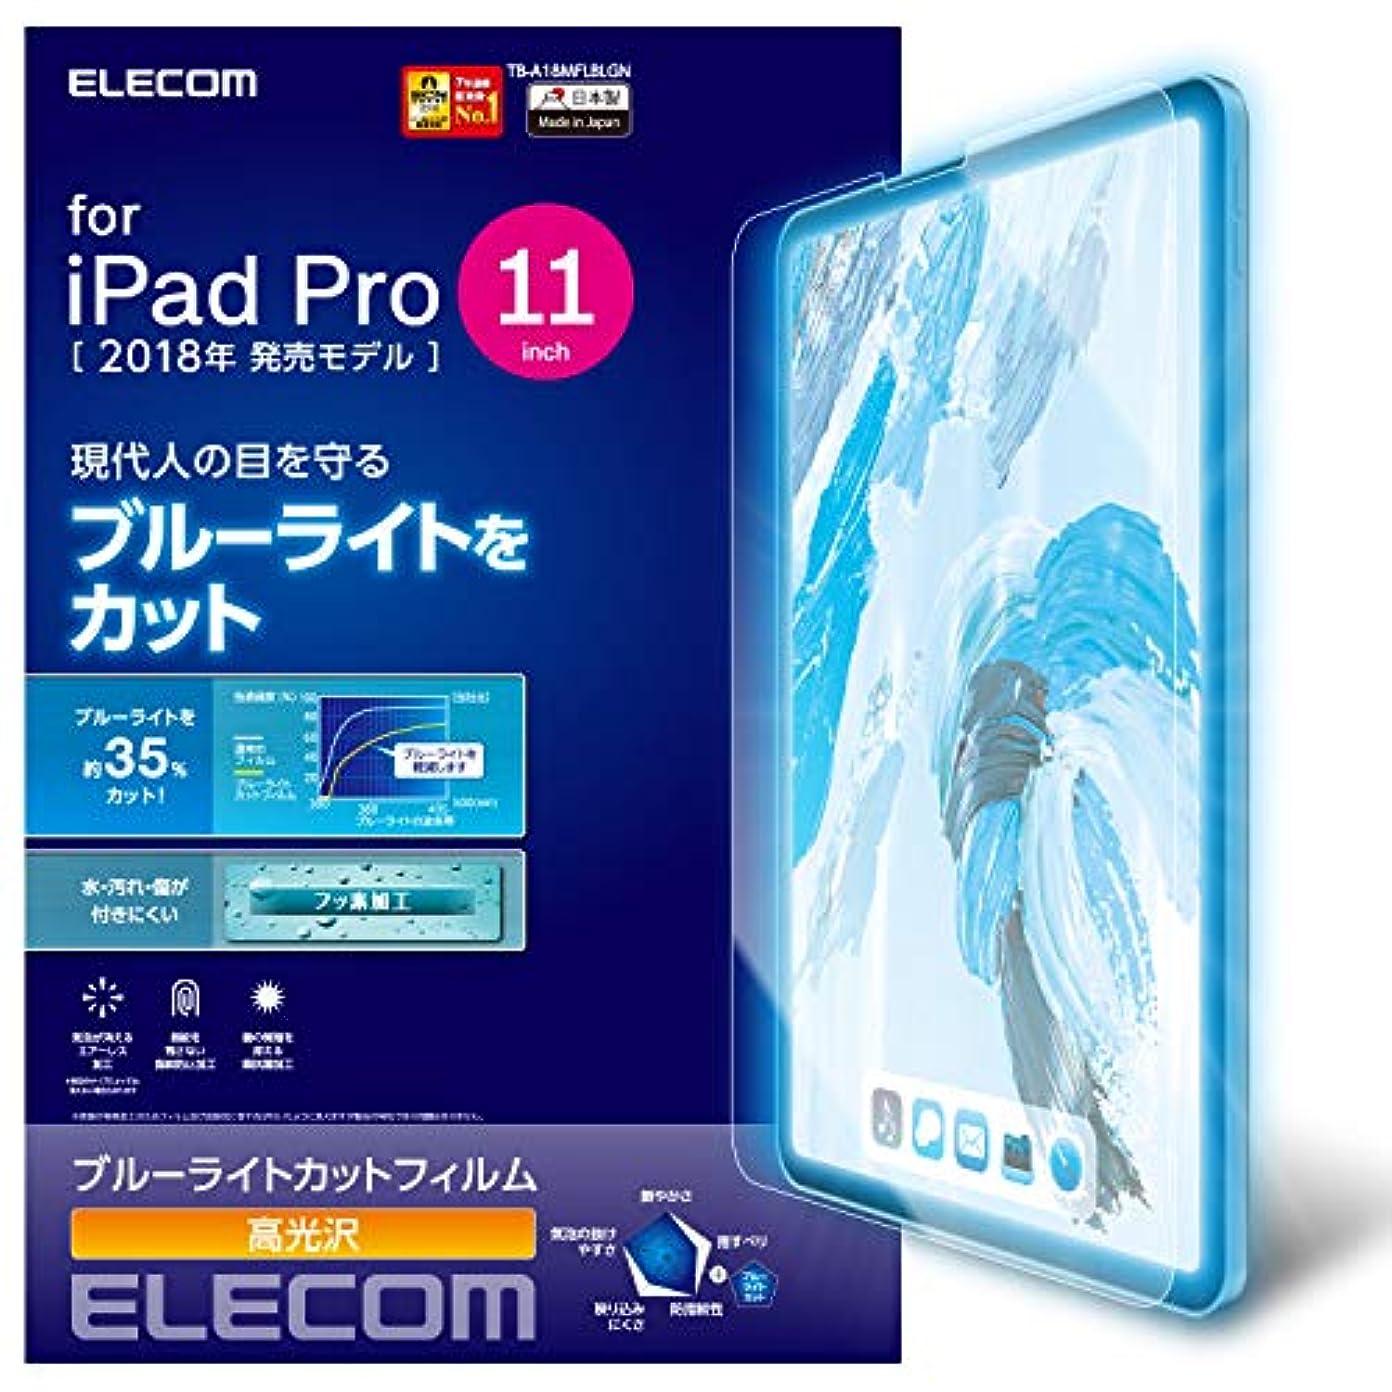 自動化解く永遠のエレコム iPad Pro 11インチ (新iPad Pro 2018年モデル) 保護フィルム ブルーライトカット 高光沢 TB-A18MFLBLGN